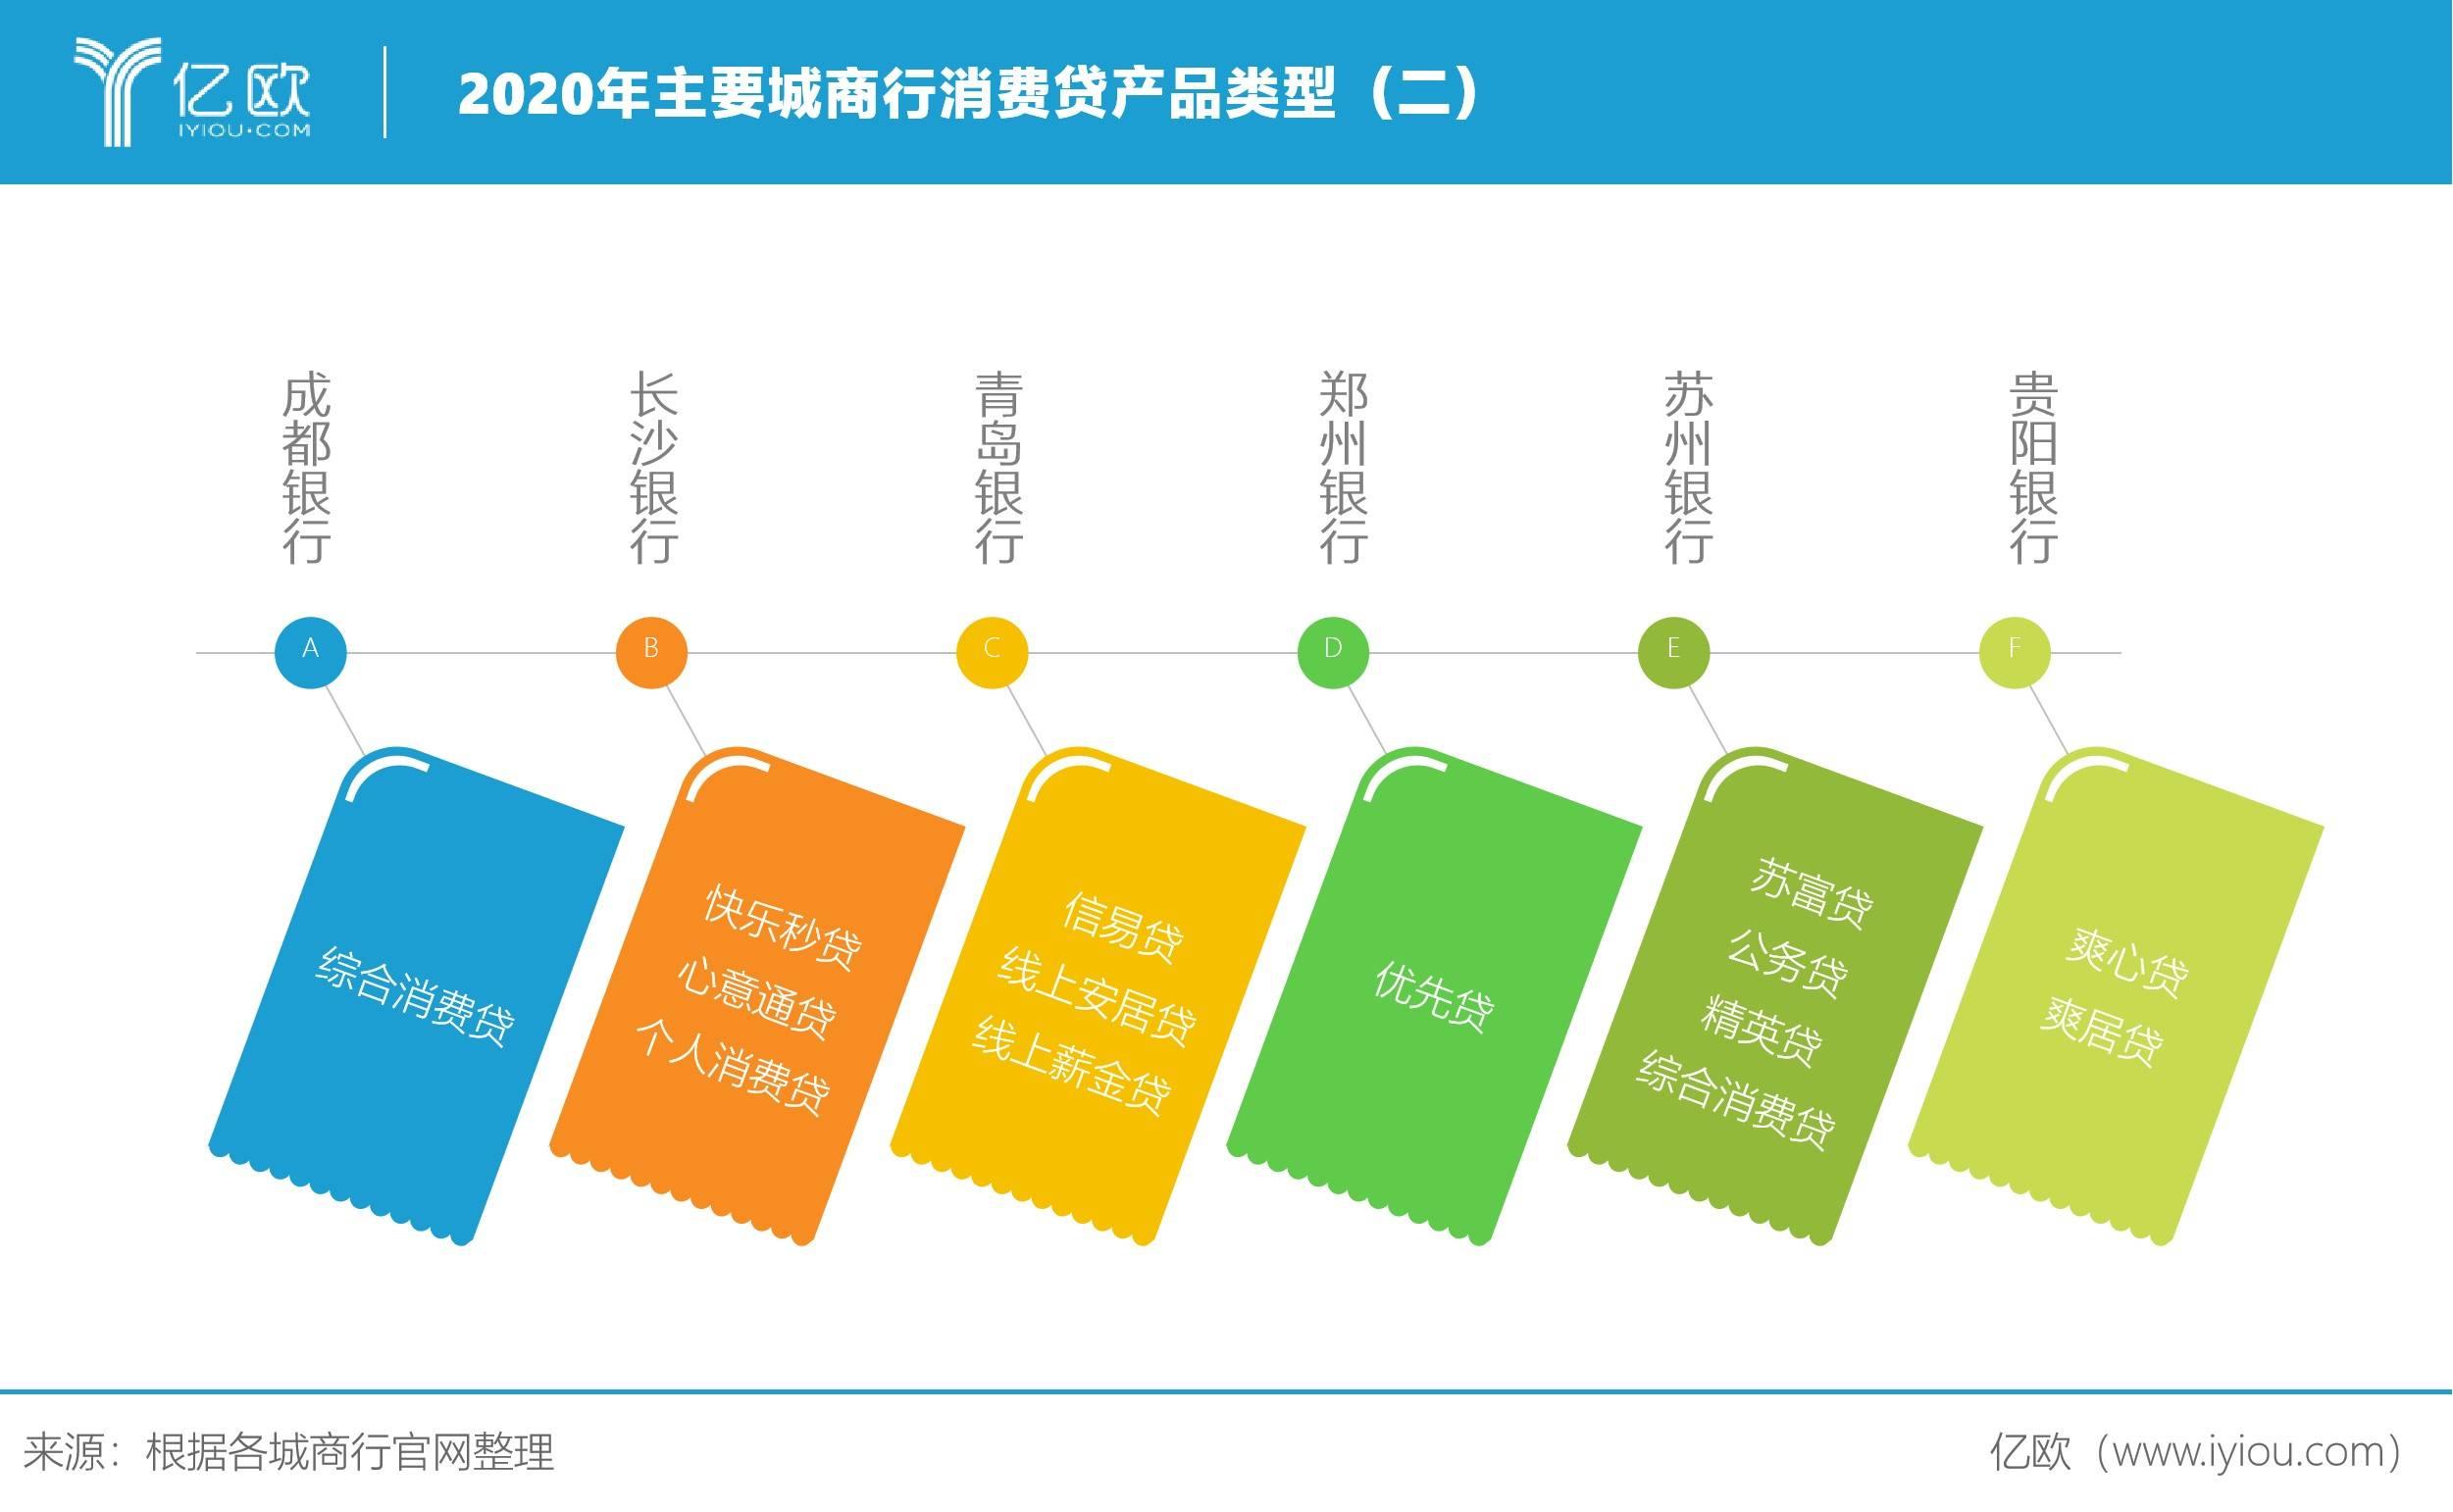 2020年主要城商行消费贷产品类型(二)